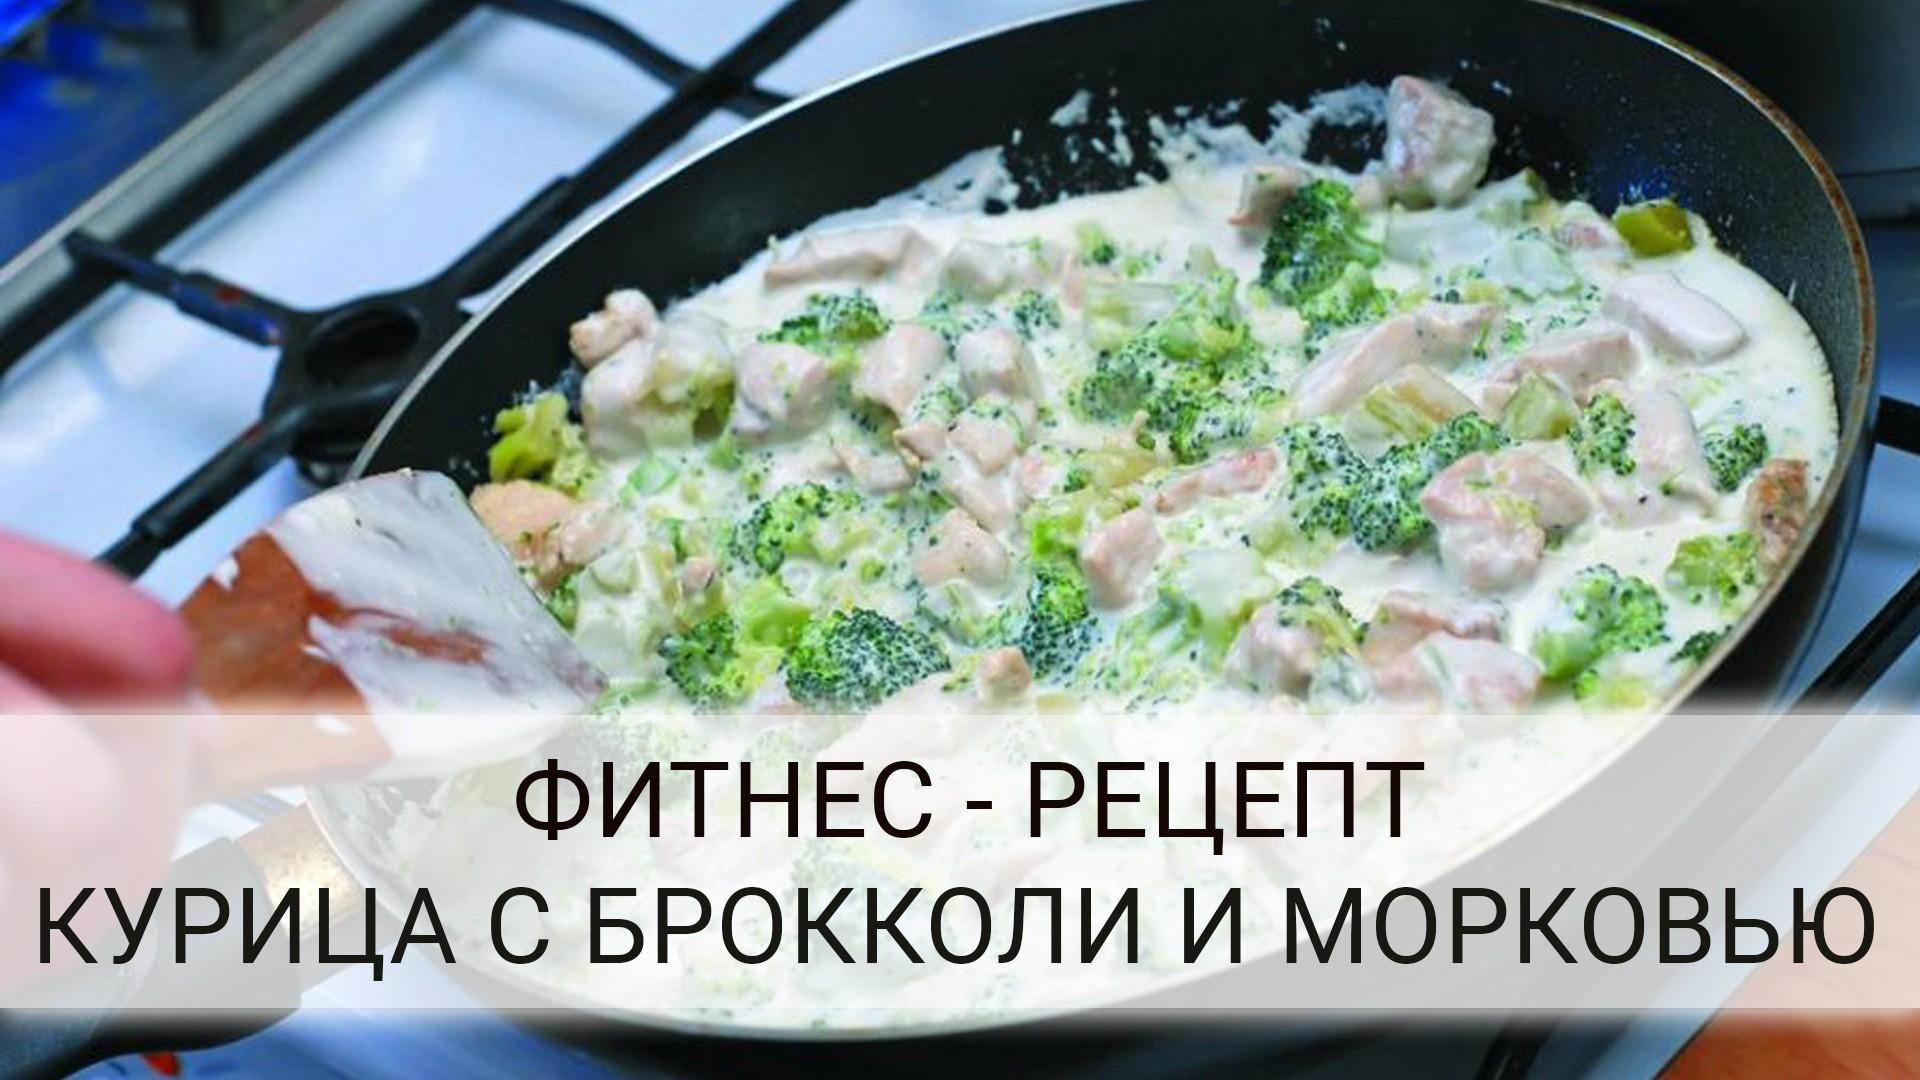 Фитнес рецепт